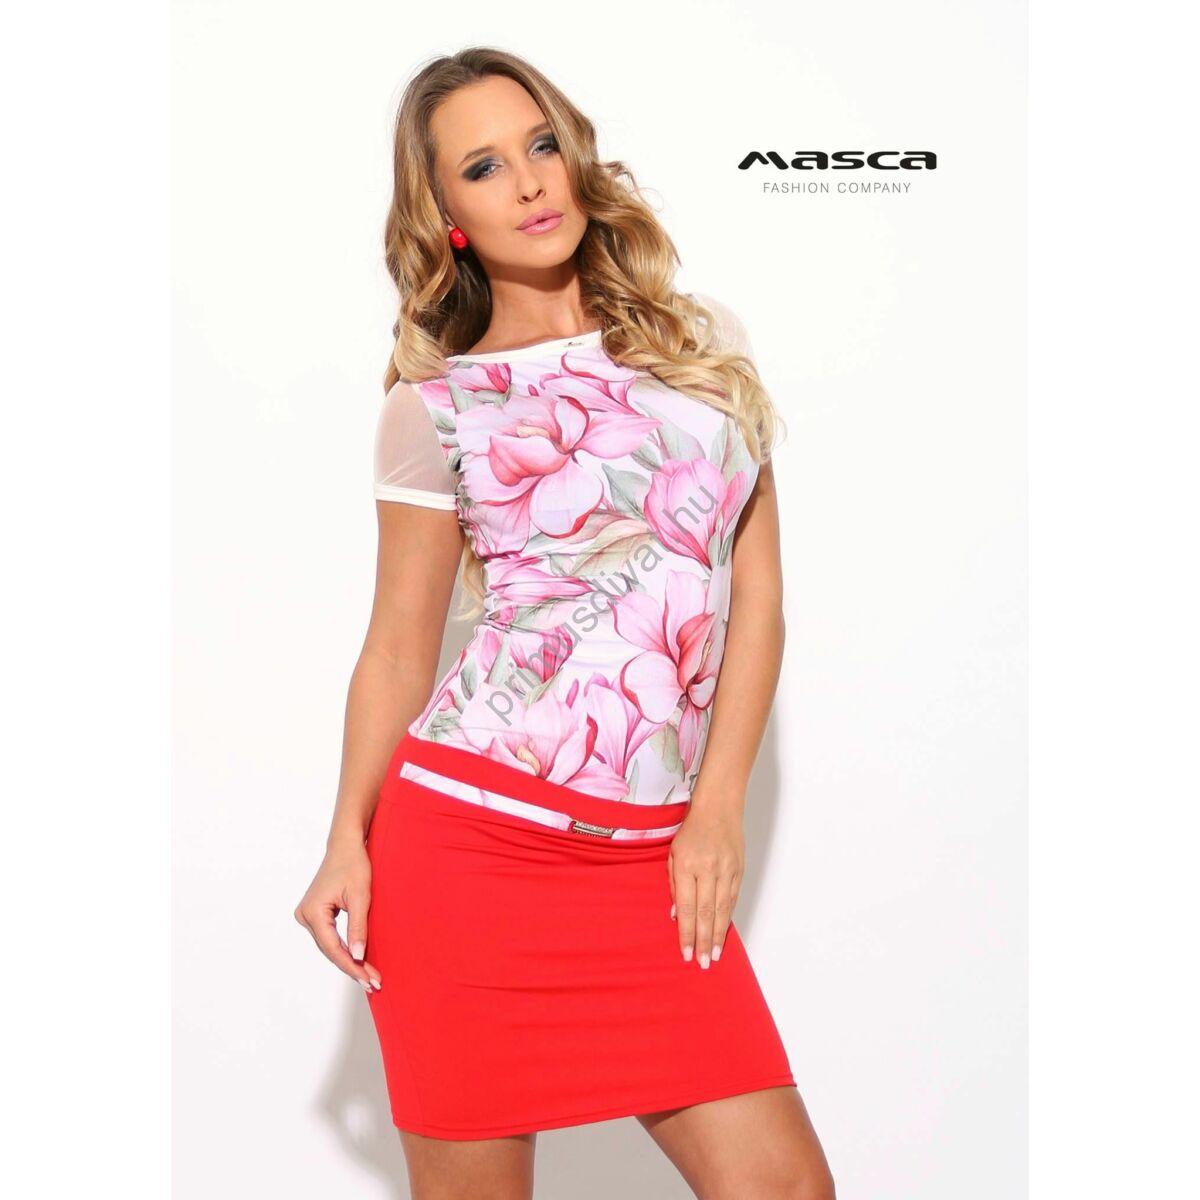 Masca Fashion csónaknyakú, rövid muszlin ujjú virágmintás miniruha, piros szoknyarésszel, ékszerkapcsos övpánttal